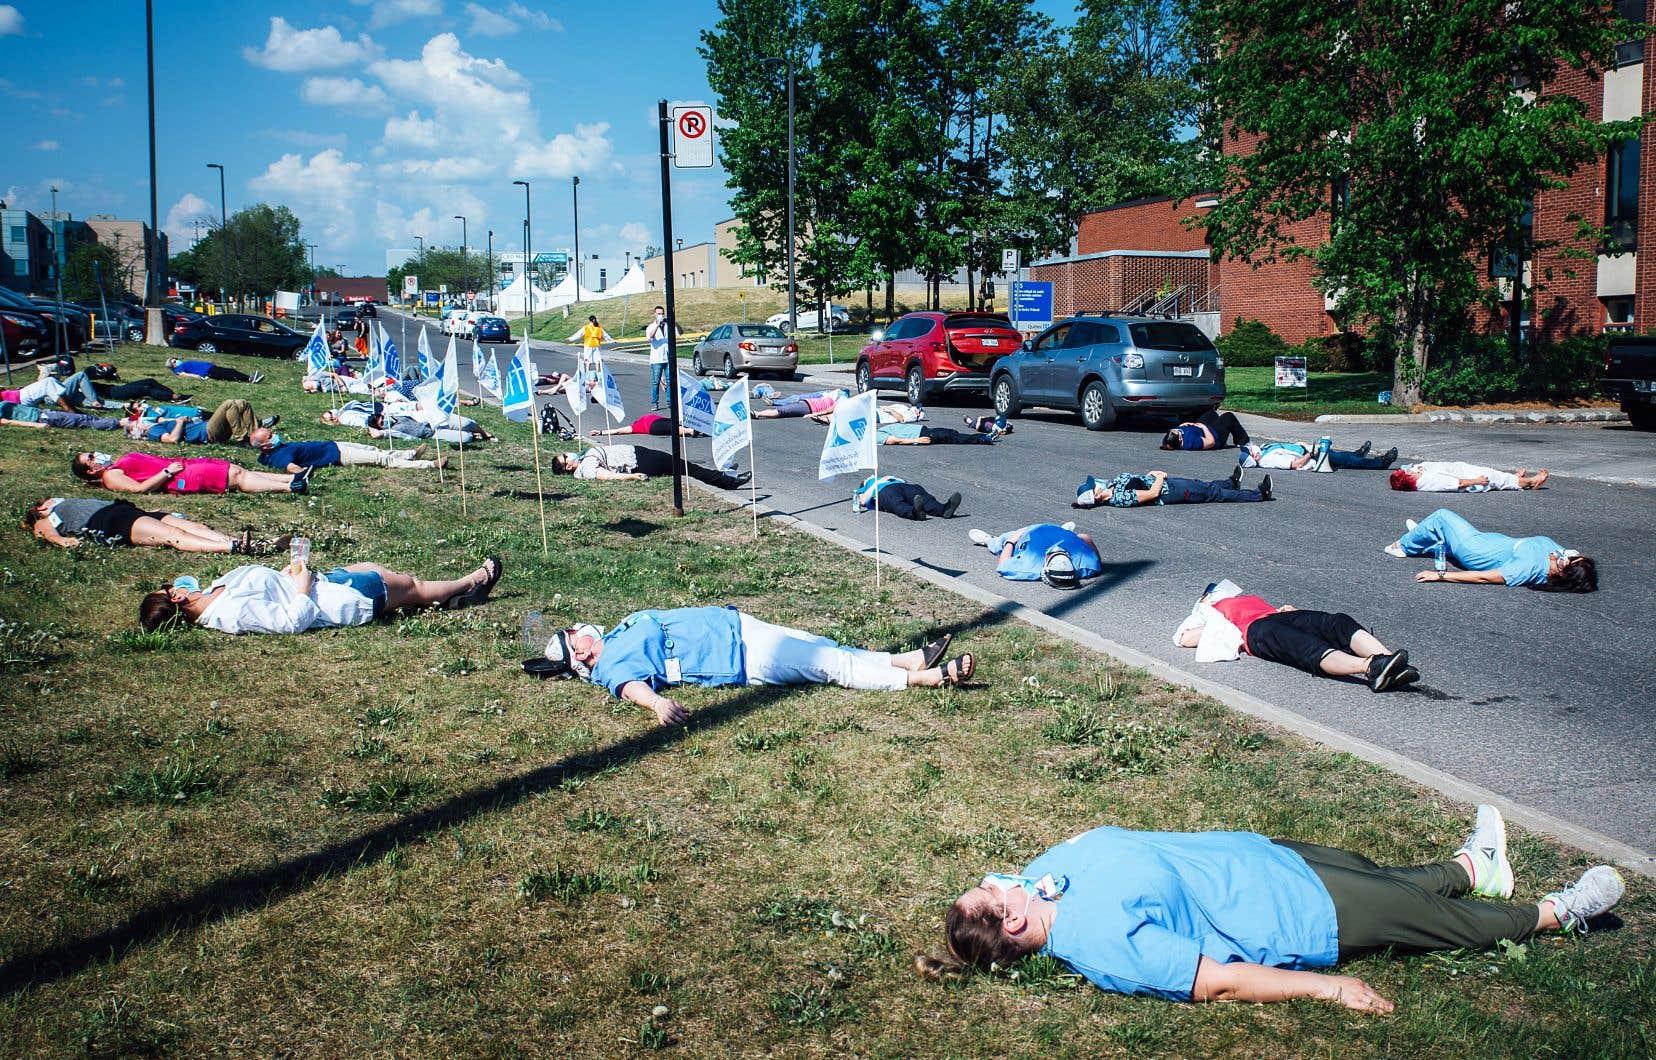 La pénurie d'infirmières est criante dans tout le Québec, ce qui a de lourdes conséquences pour les patients et les soignantes. En juin 2020, à l'initiative de la FIQ, le personnel de l'hôpital de Saint-Jérôme avait manifesté pour réclamer plus de temps de repos.